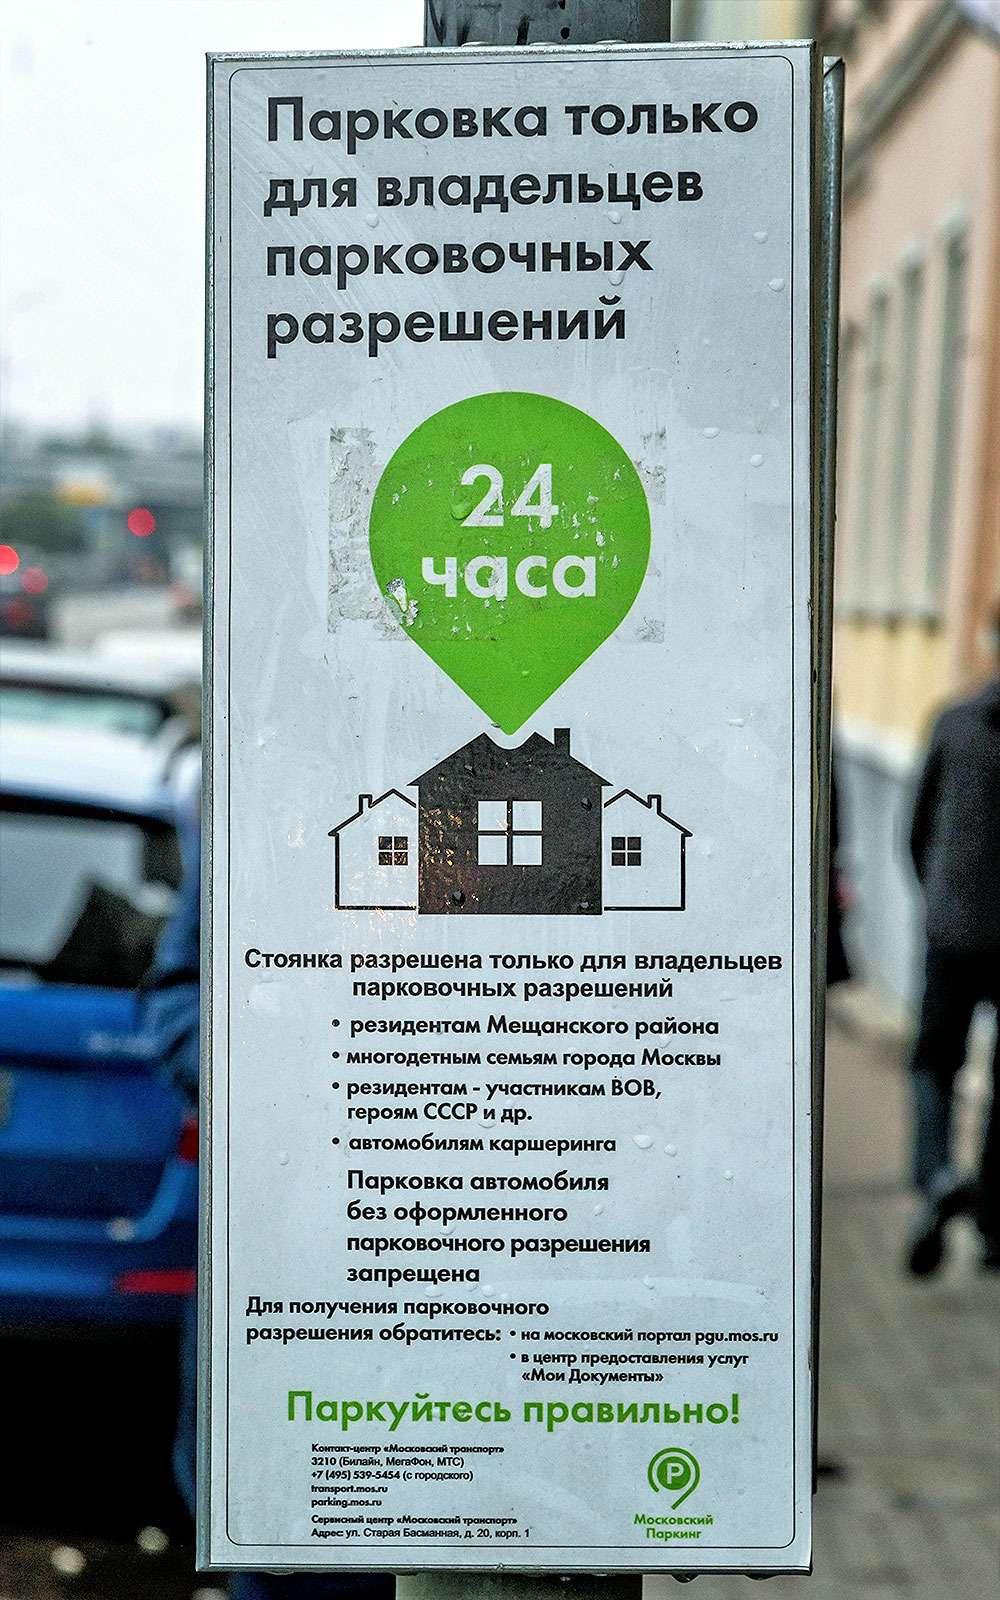 Новый вид информационных табличек длямосковских паркингов